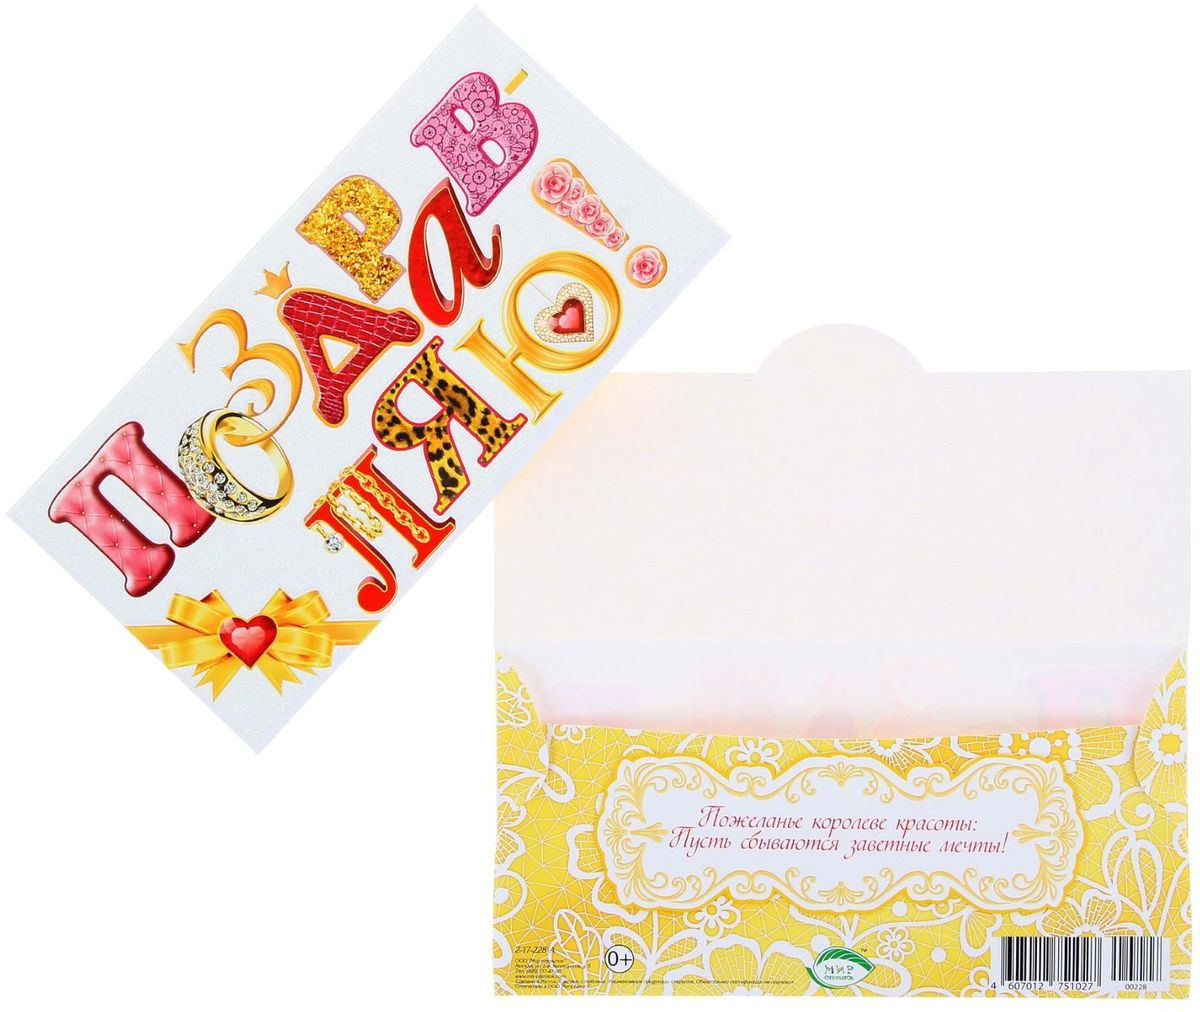 Конверт для денег Мир открыток Подарок!, цвет: розовый09840-20.000.00Конверт для денег Поздравляю! выполнен из плотной бумаги и украшен яркой праздничной картинкой.Это необычная красивая одежка для денежного подарка, а так же отличная возможность сделать его более праздничным и создать прекрасное настроение!Конверт Поздравляю! - идеальное решение, если вы хотите подарить деньги.